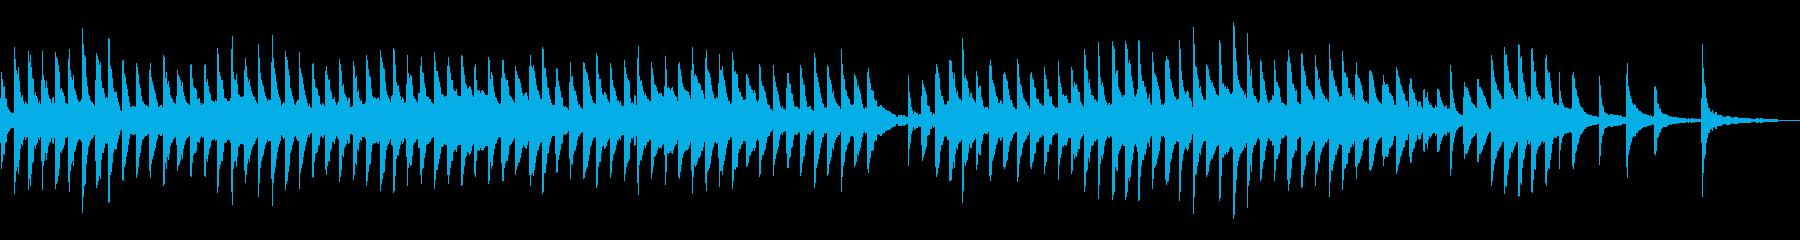 伝統趣ある切ない哀愁感ピアノアンビエントの再生済みの波形